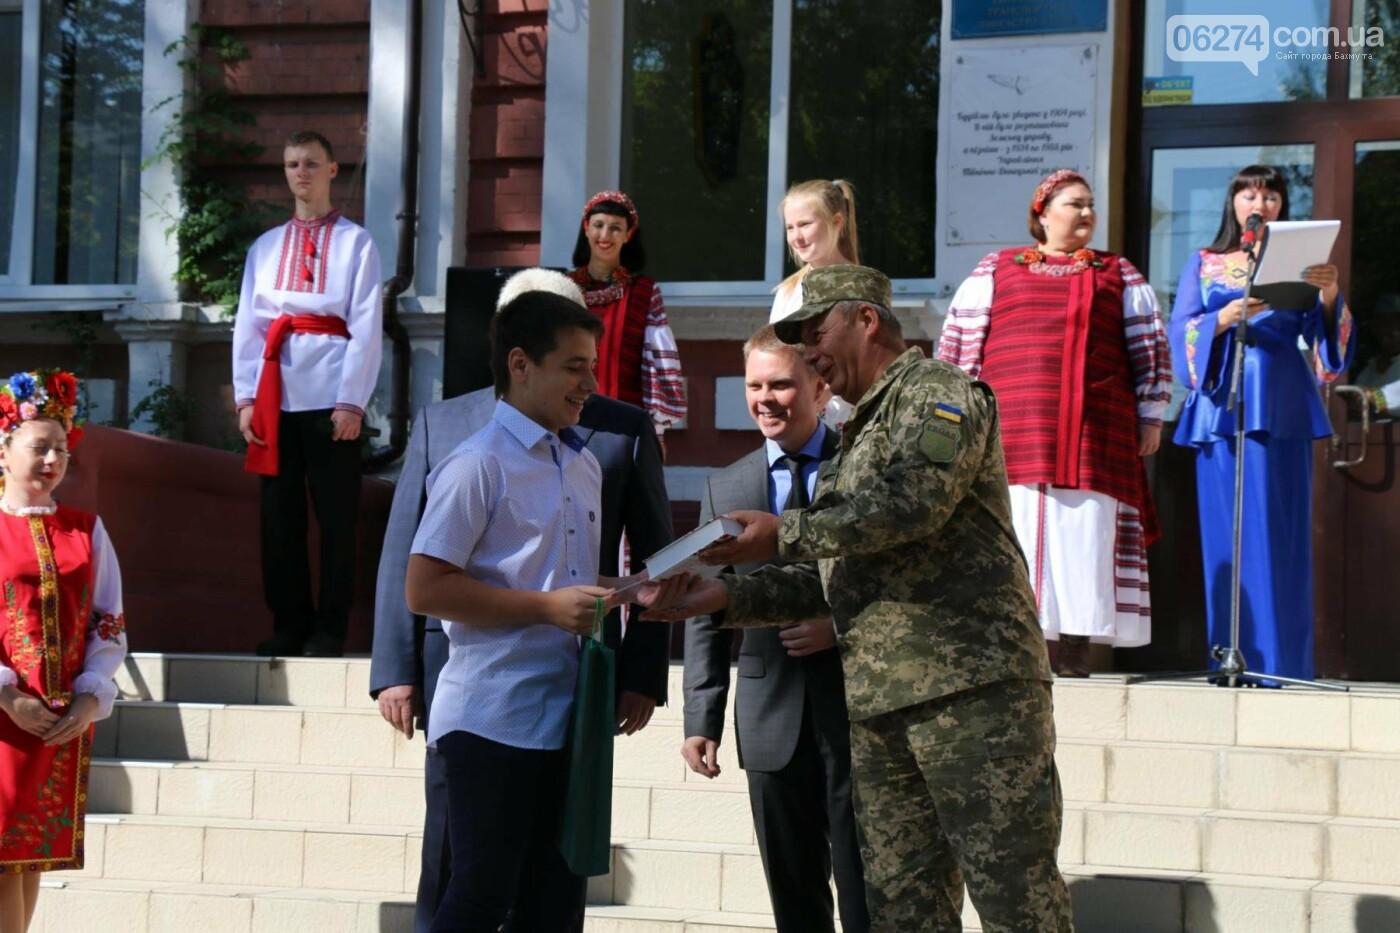 В Бахмуте отметили День государственного флага Украины, фото-16